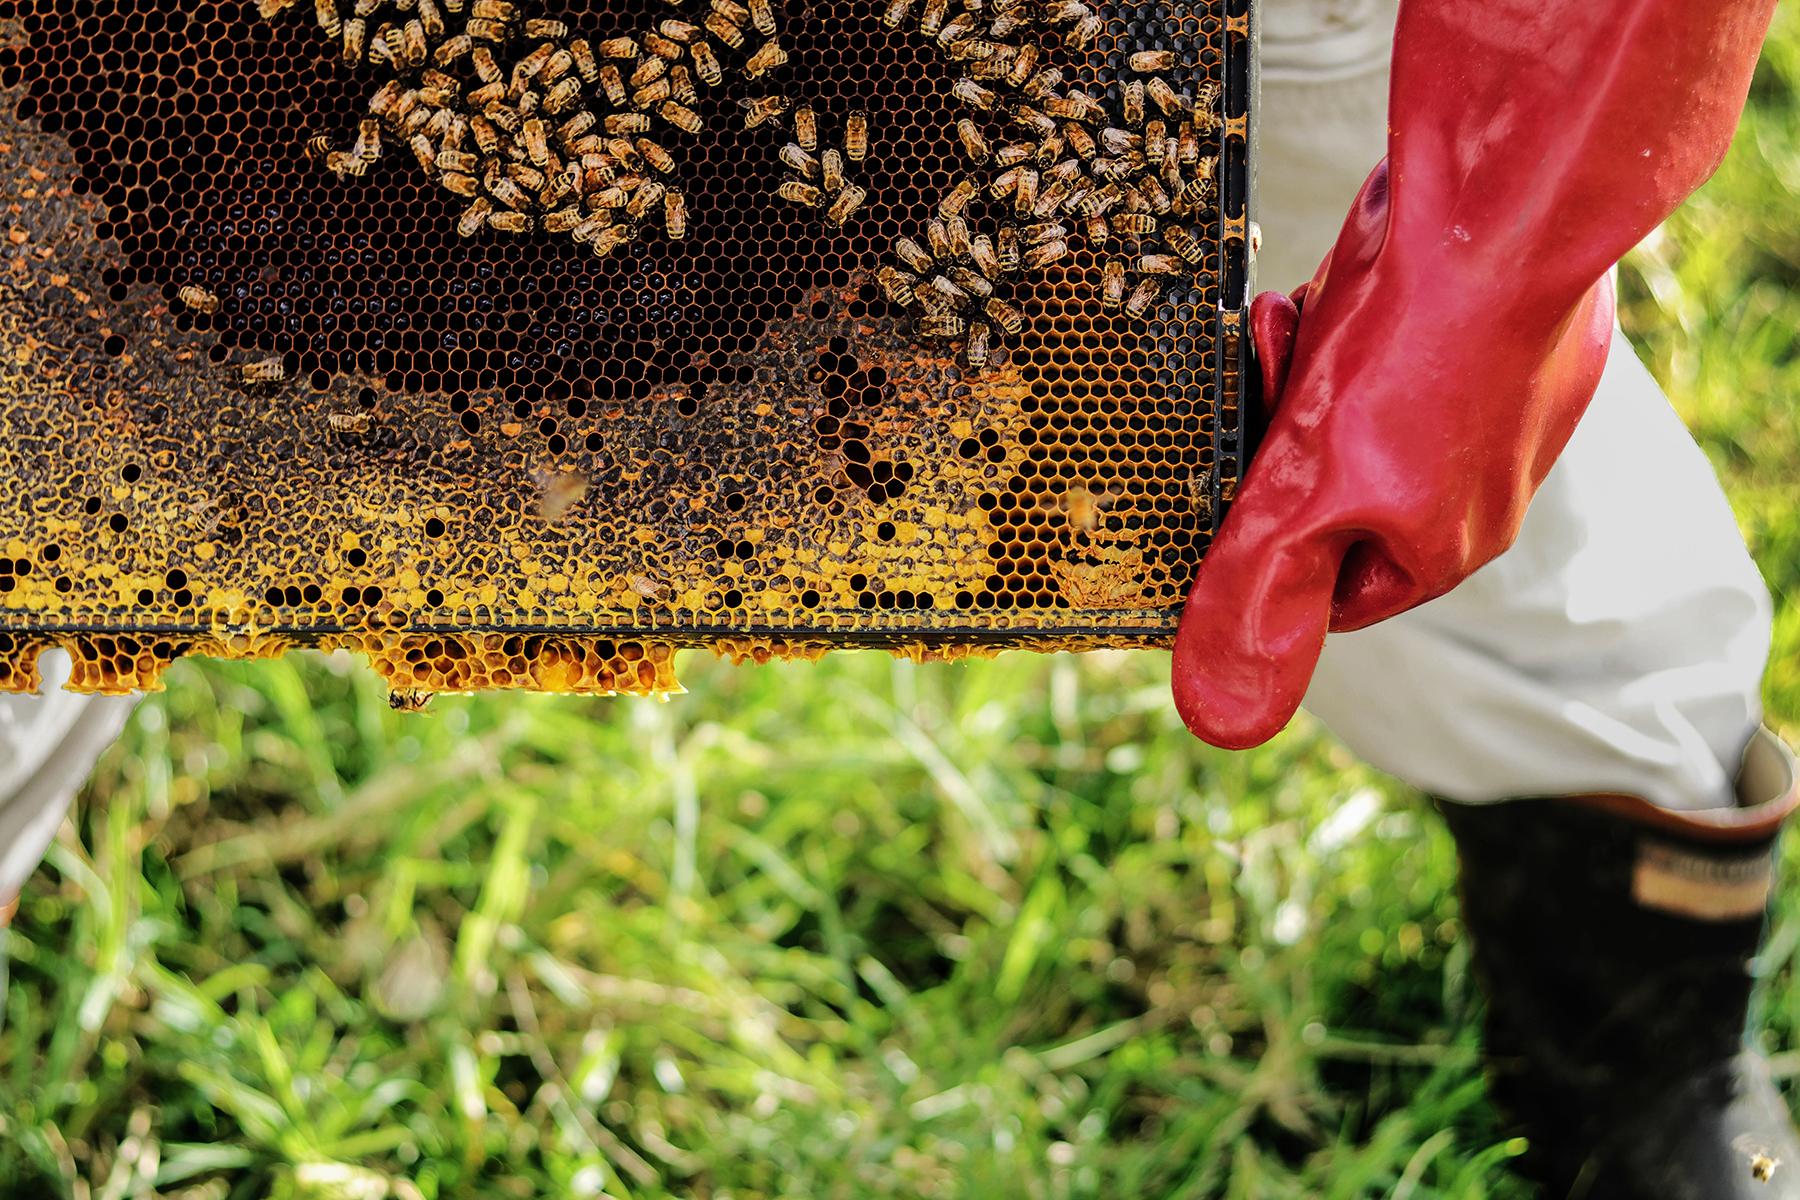 Eltham-Bees-Beehive.jpg